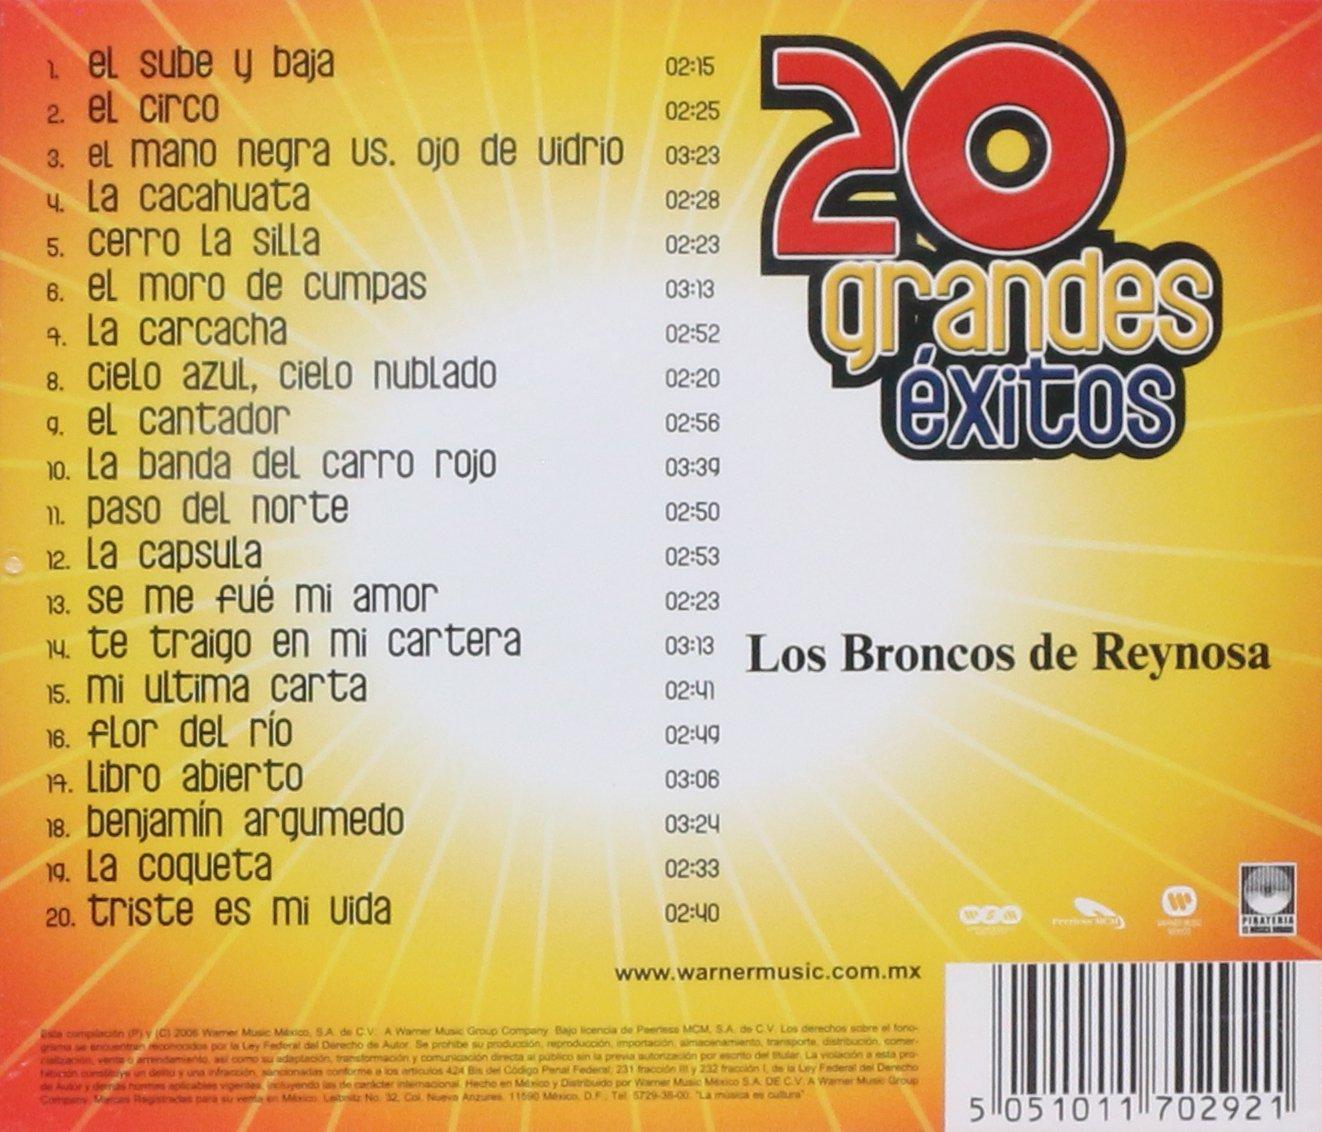 Los Broncos de Reynosa - 20 Grandes Exitos: Los Broncos De Reynosa - Amazon.com Music